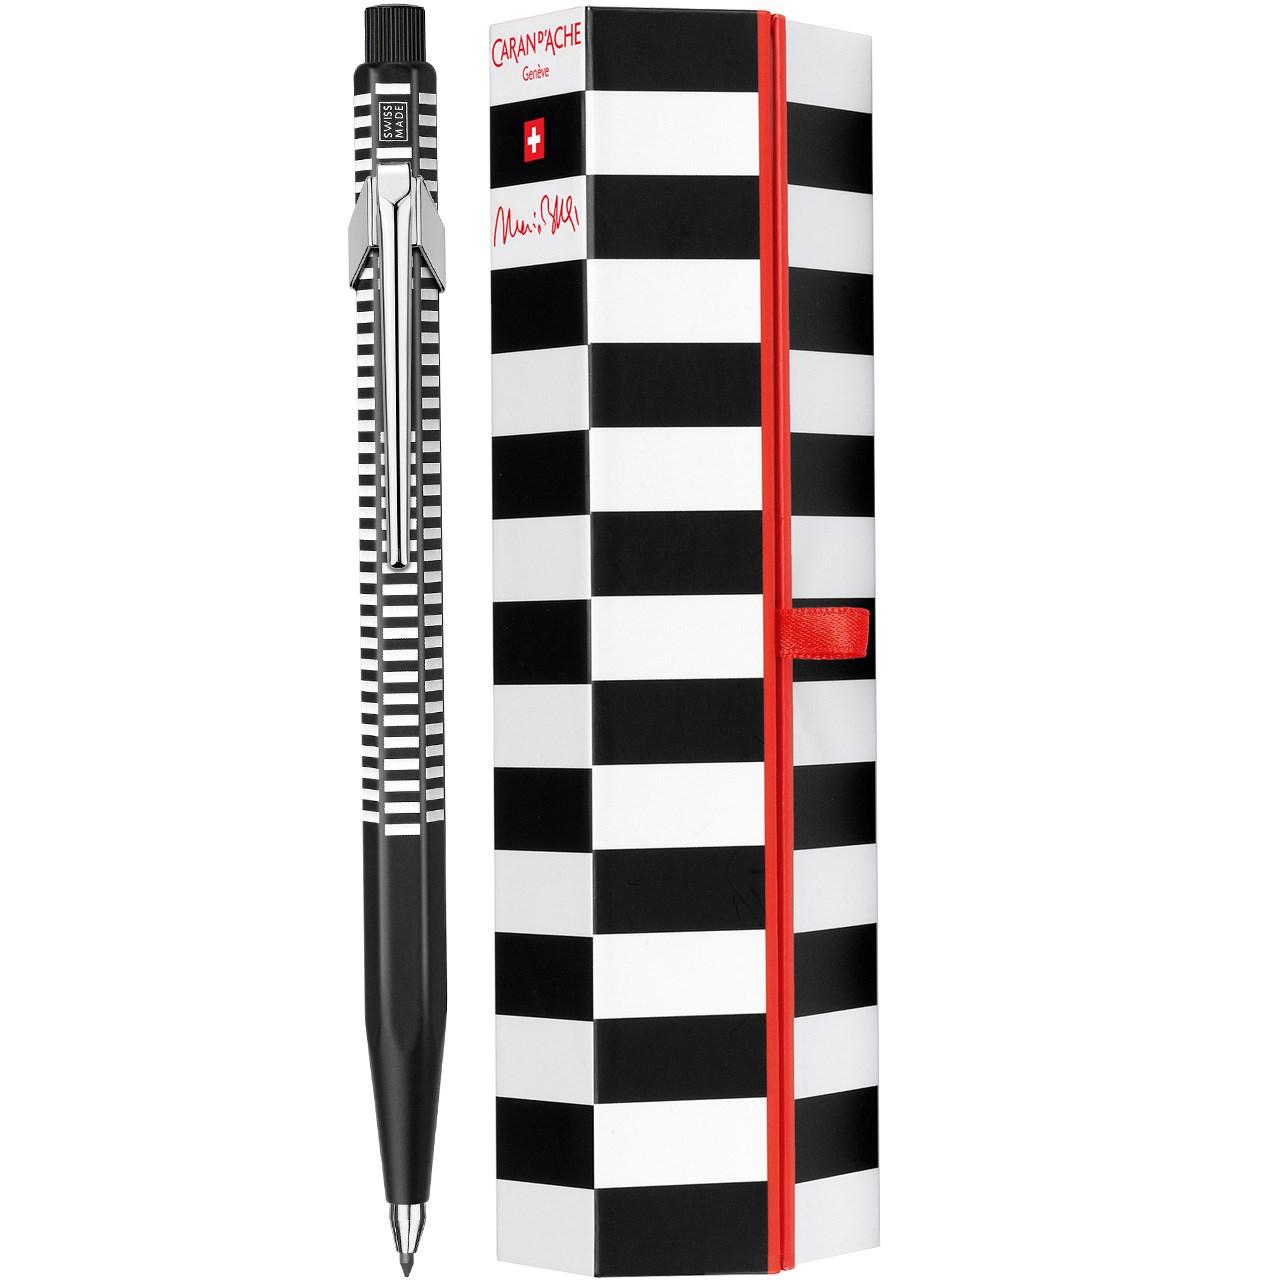 مداد نوکی 2 میلی متری کارن داش سری Fixpencil مدل Mario Botta